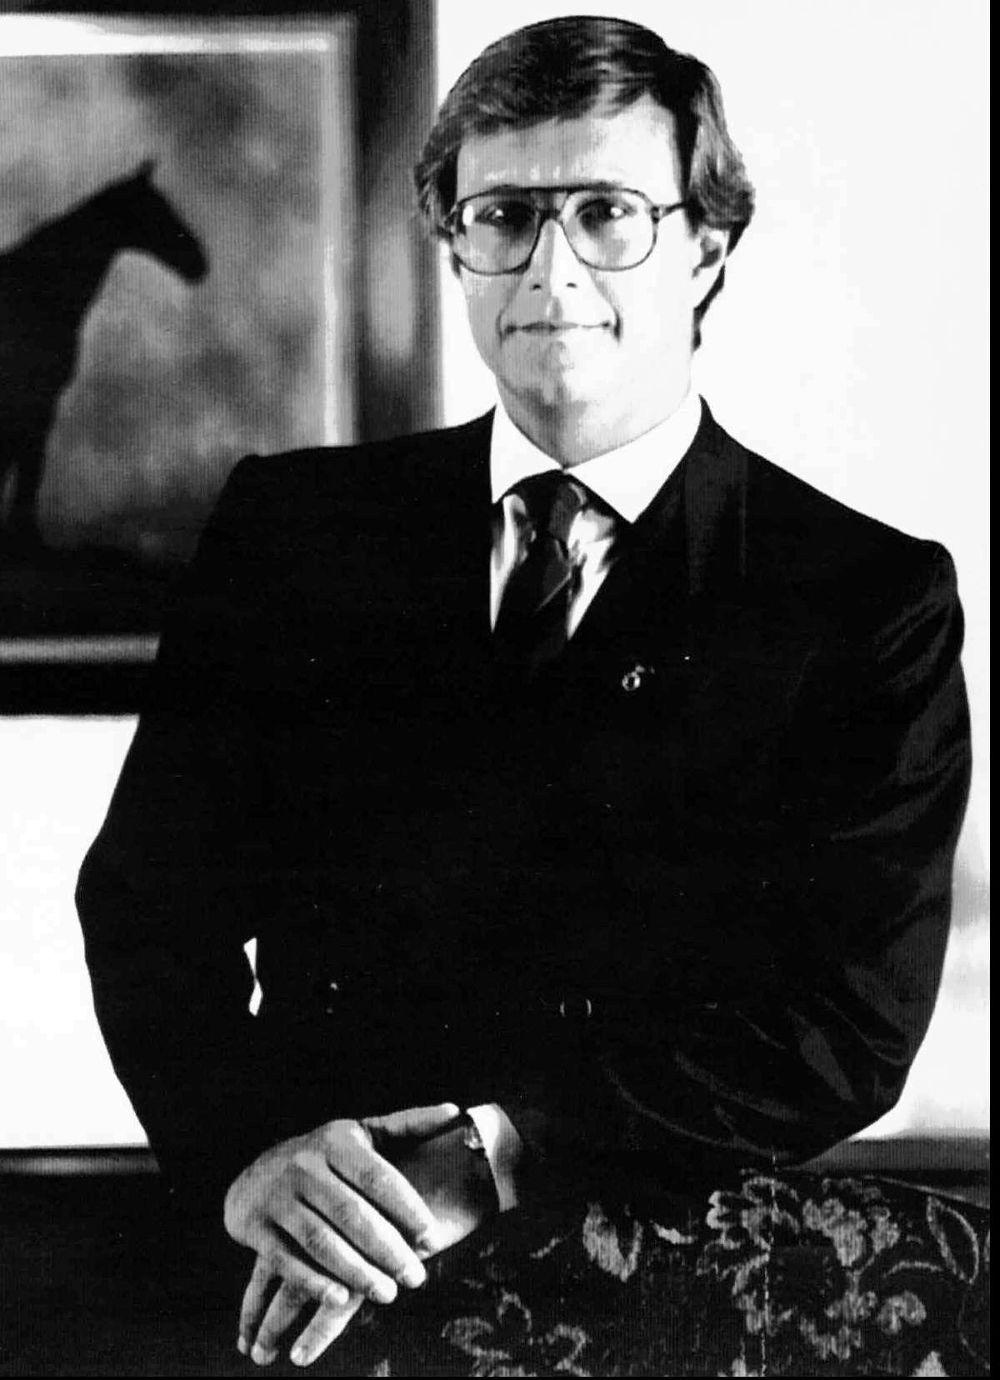 O Maurizzio Gucci, εγγονός του ιδρυτή του οίκου δολοφονήθηκε το 1995